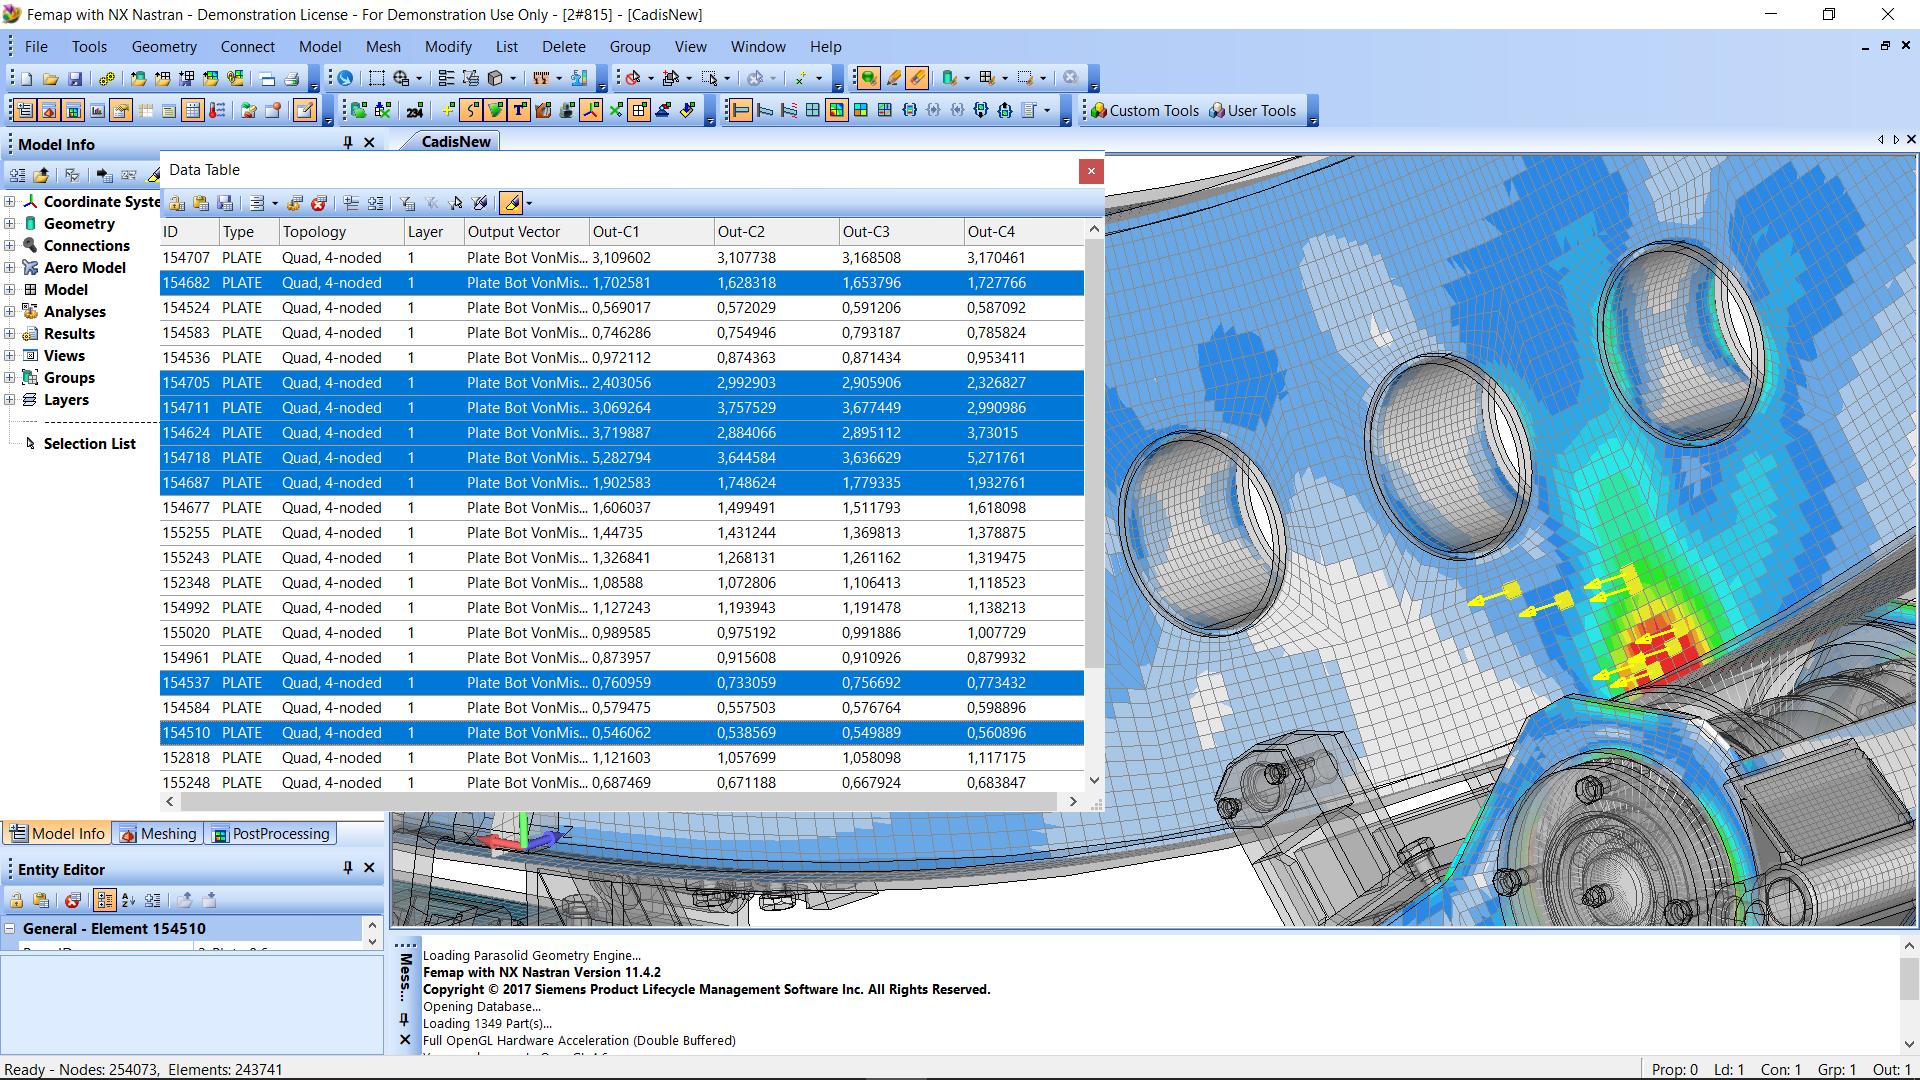 Интерактивная таблица данных Data Table siemens femap